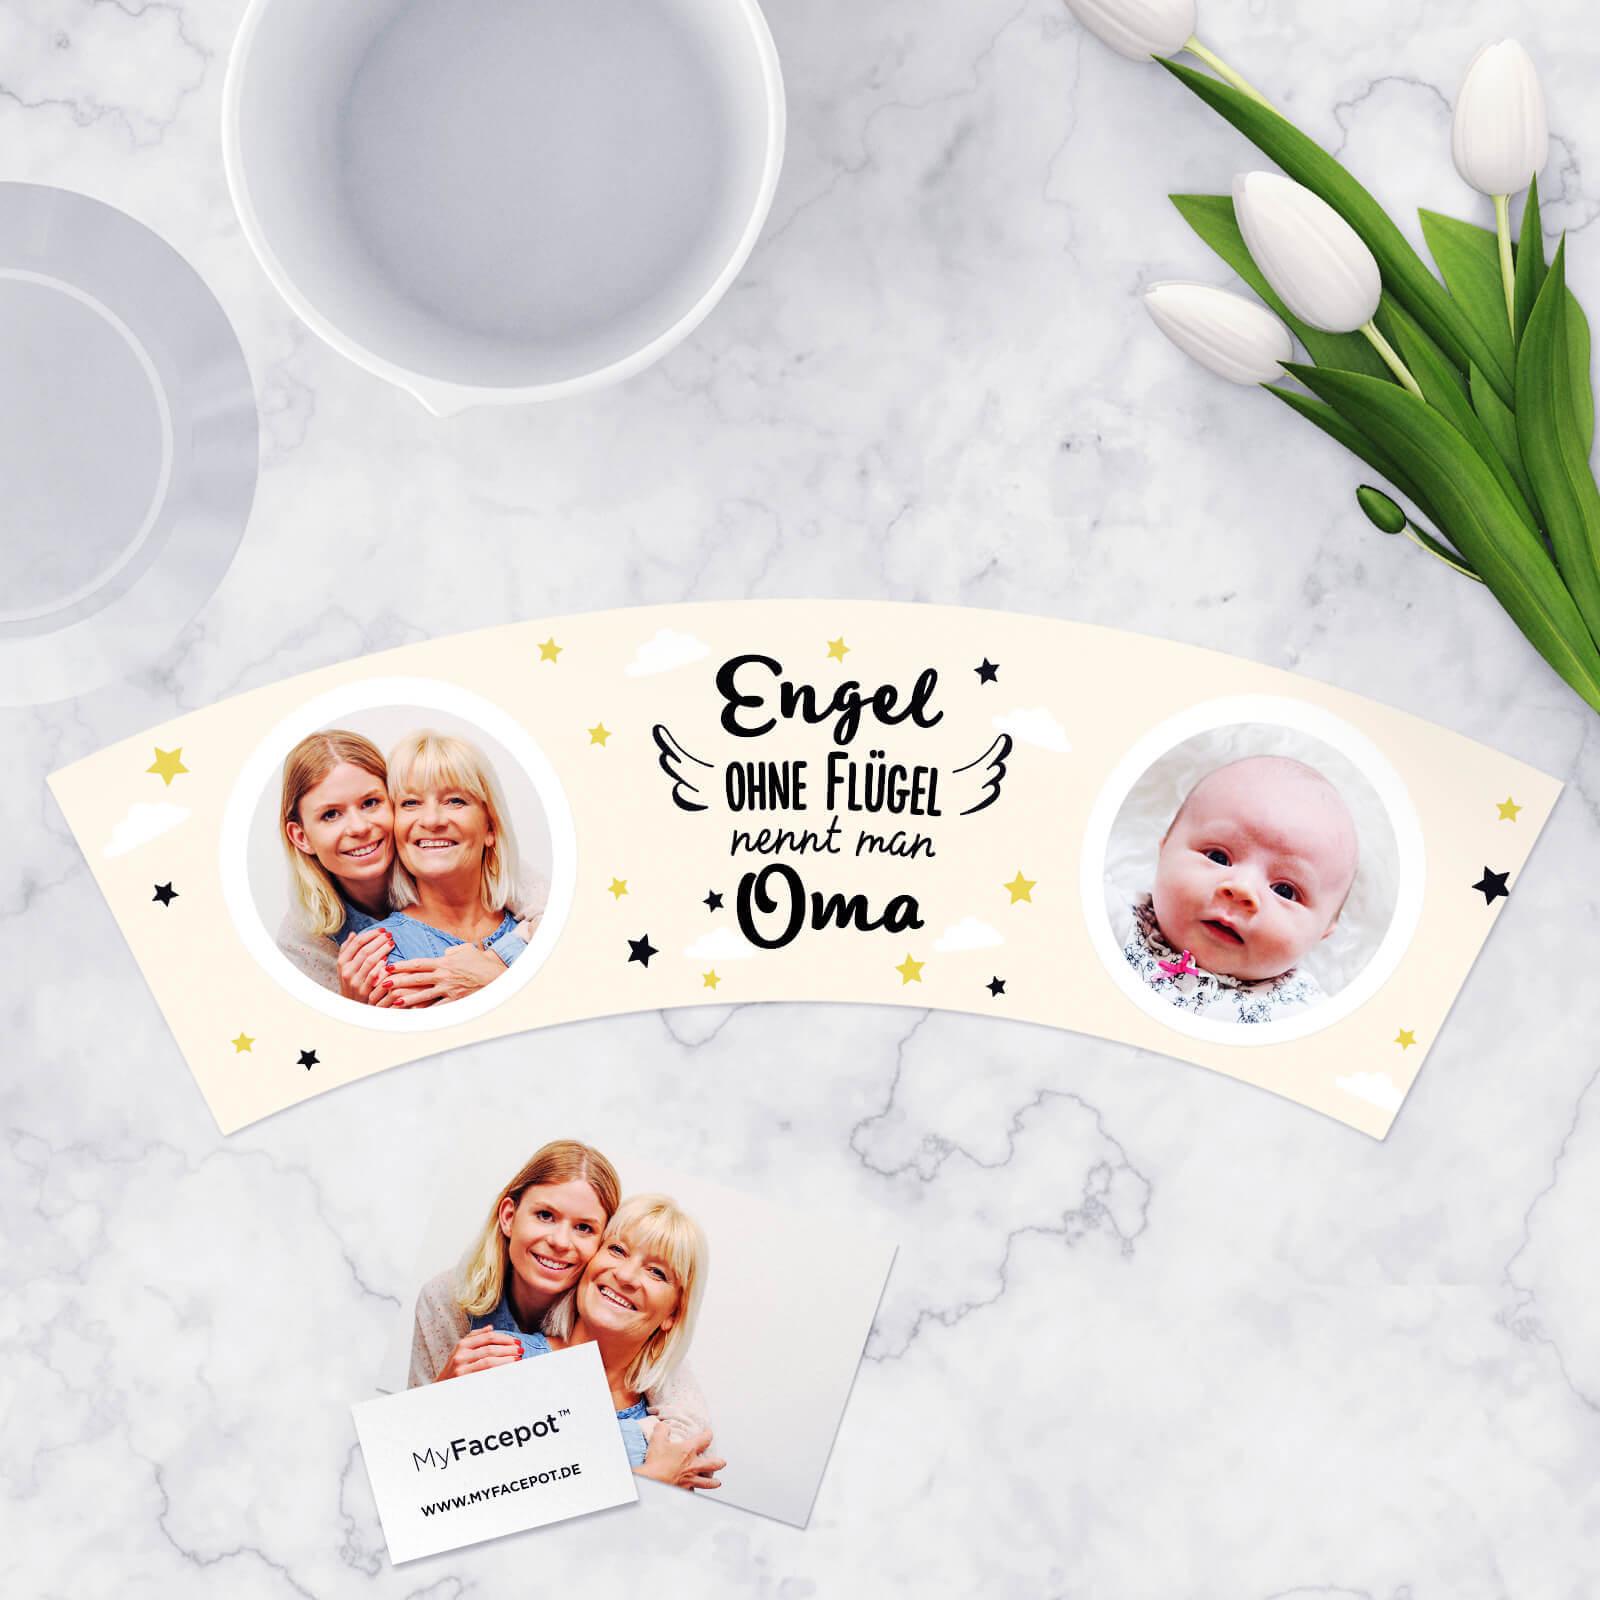 Geschenkideen für Oma Engel Ohne Flügel